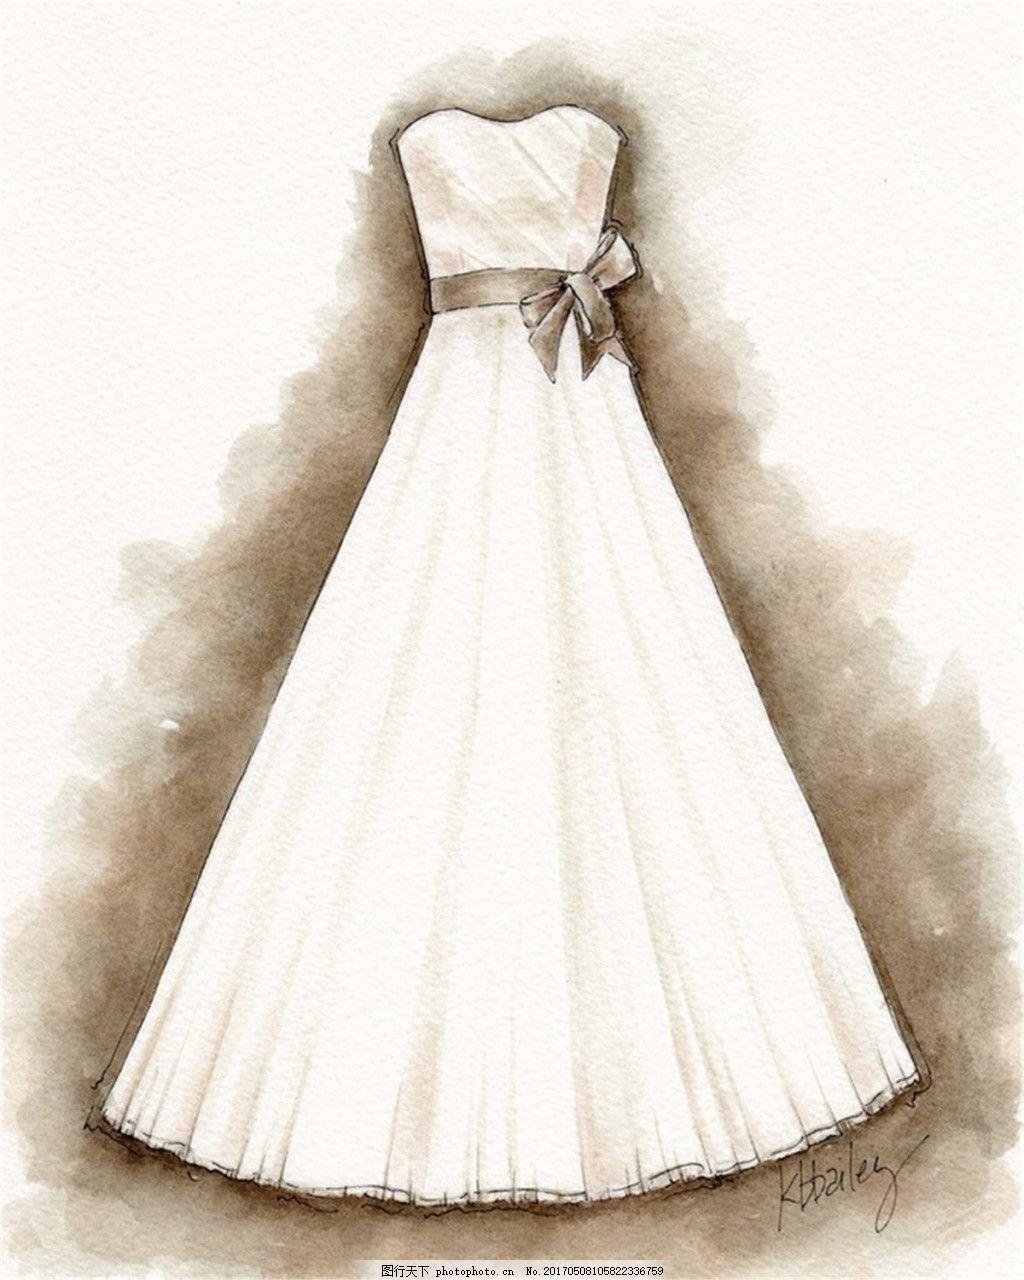 简约抹胸礼服设计图 时尚女装 职业女装 女装设计效果图 短裙 服装